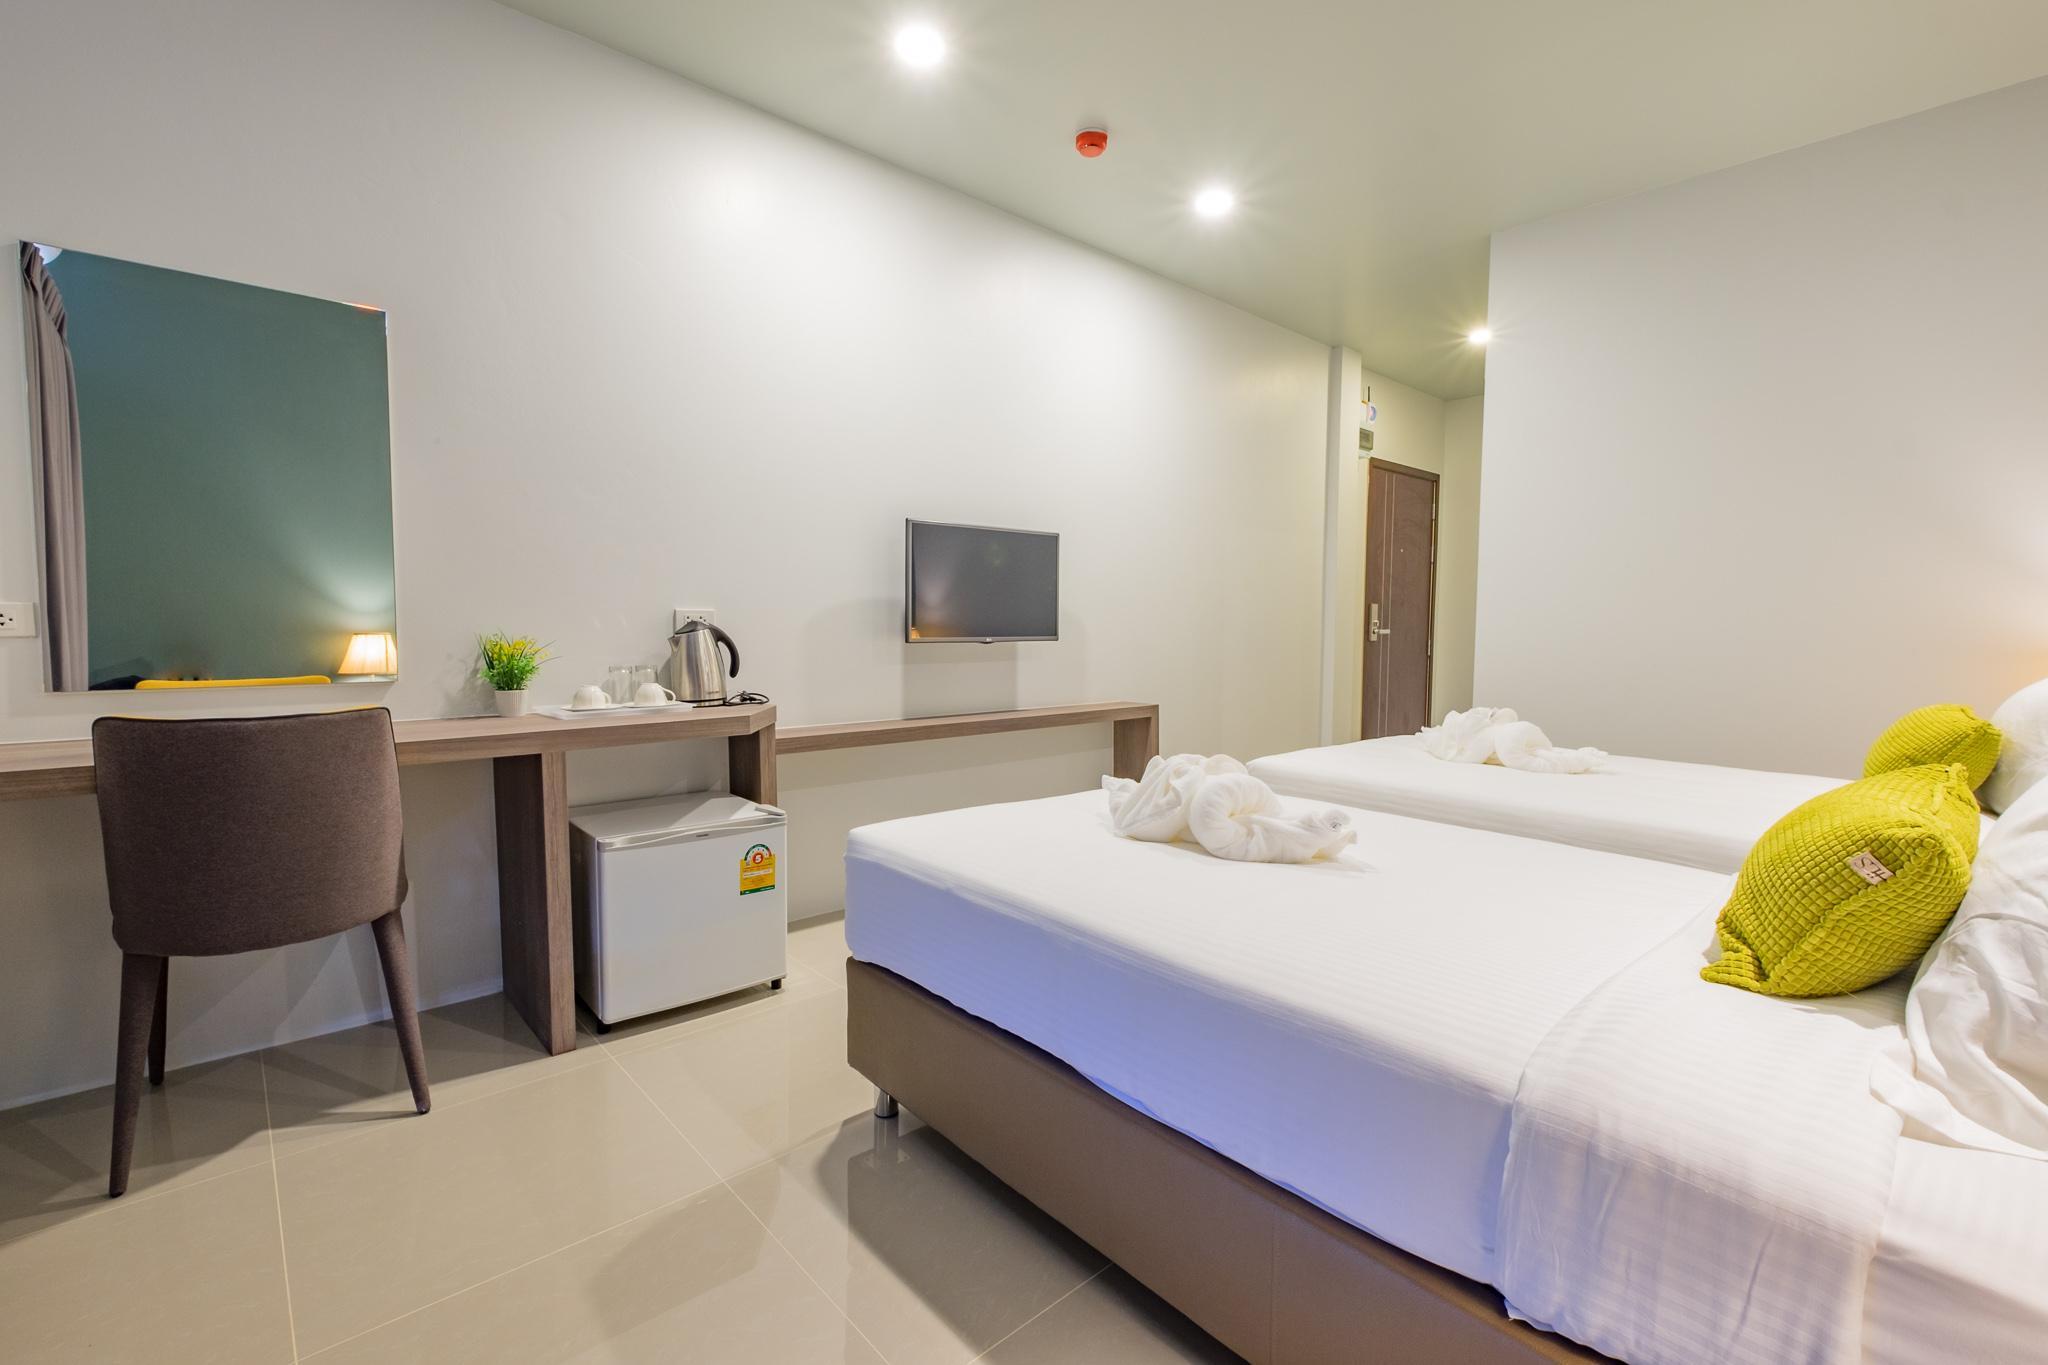 福瑞星H酒店,เอช โฮเทล พระสิงห์